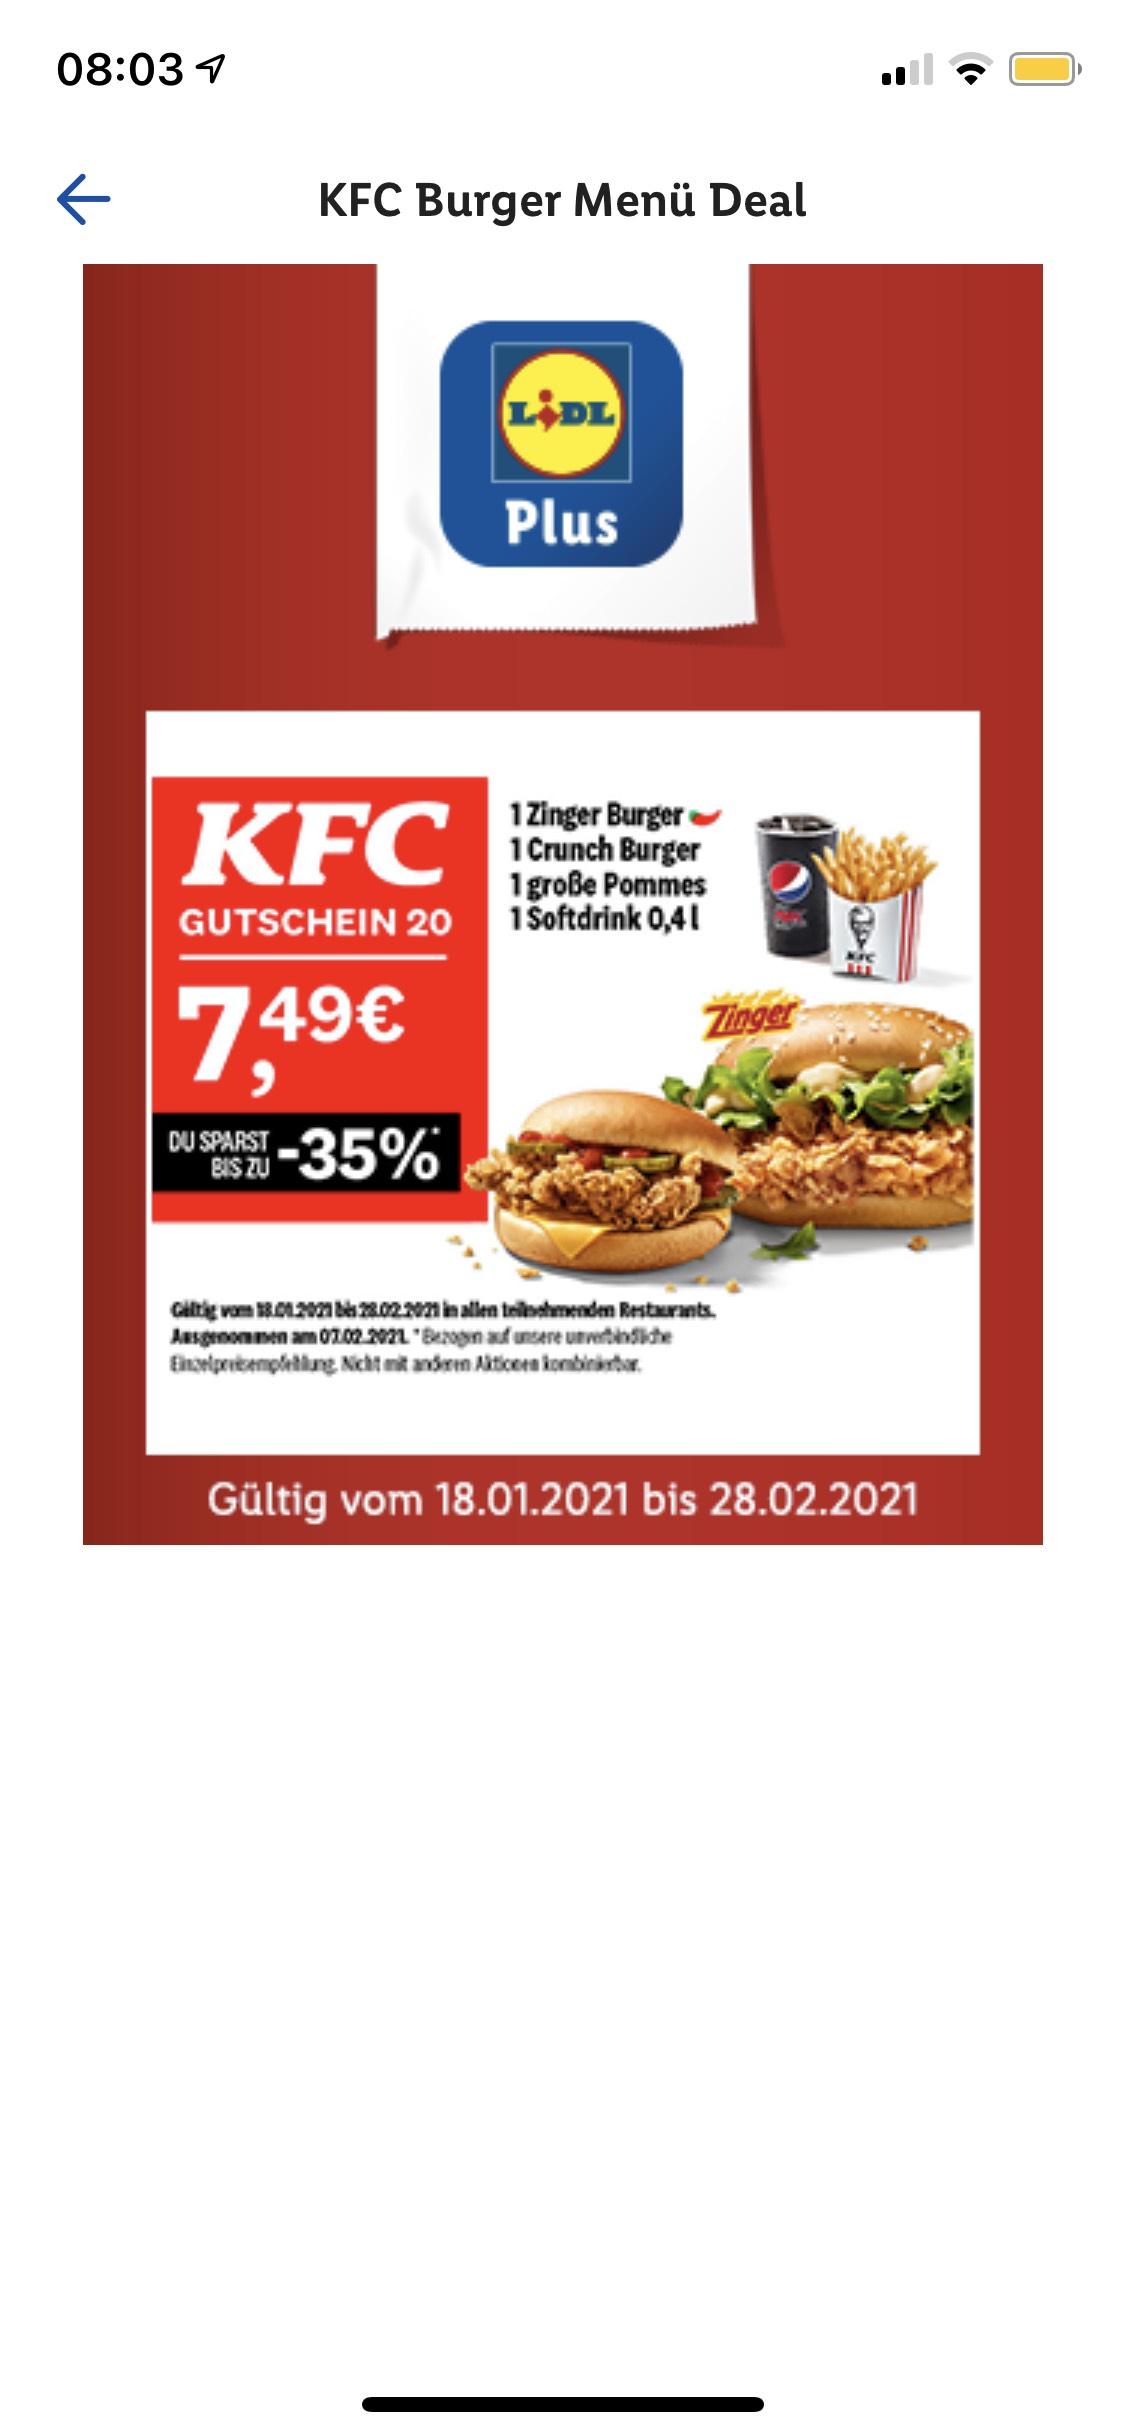 KFC Burger Menü deal verlängert